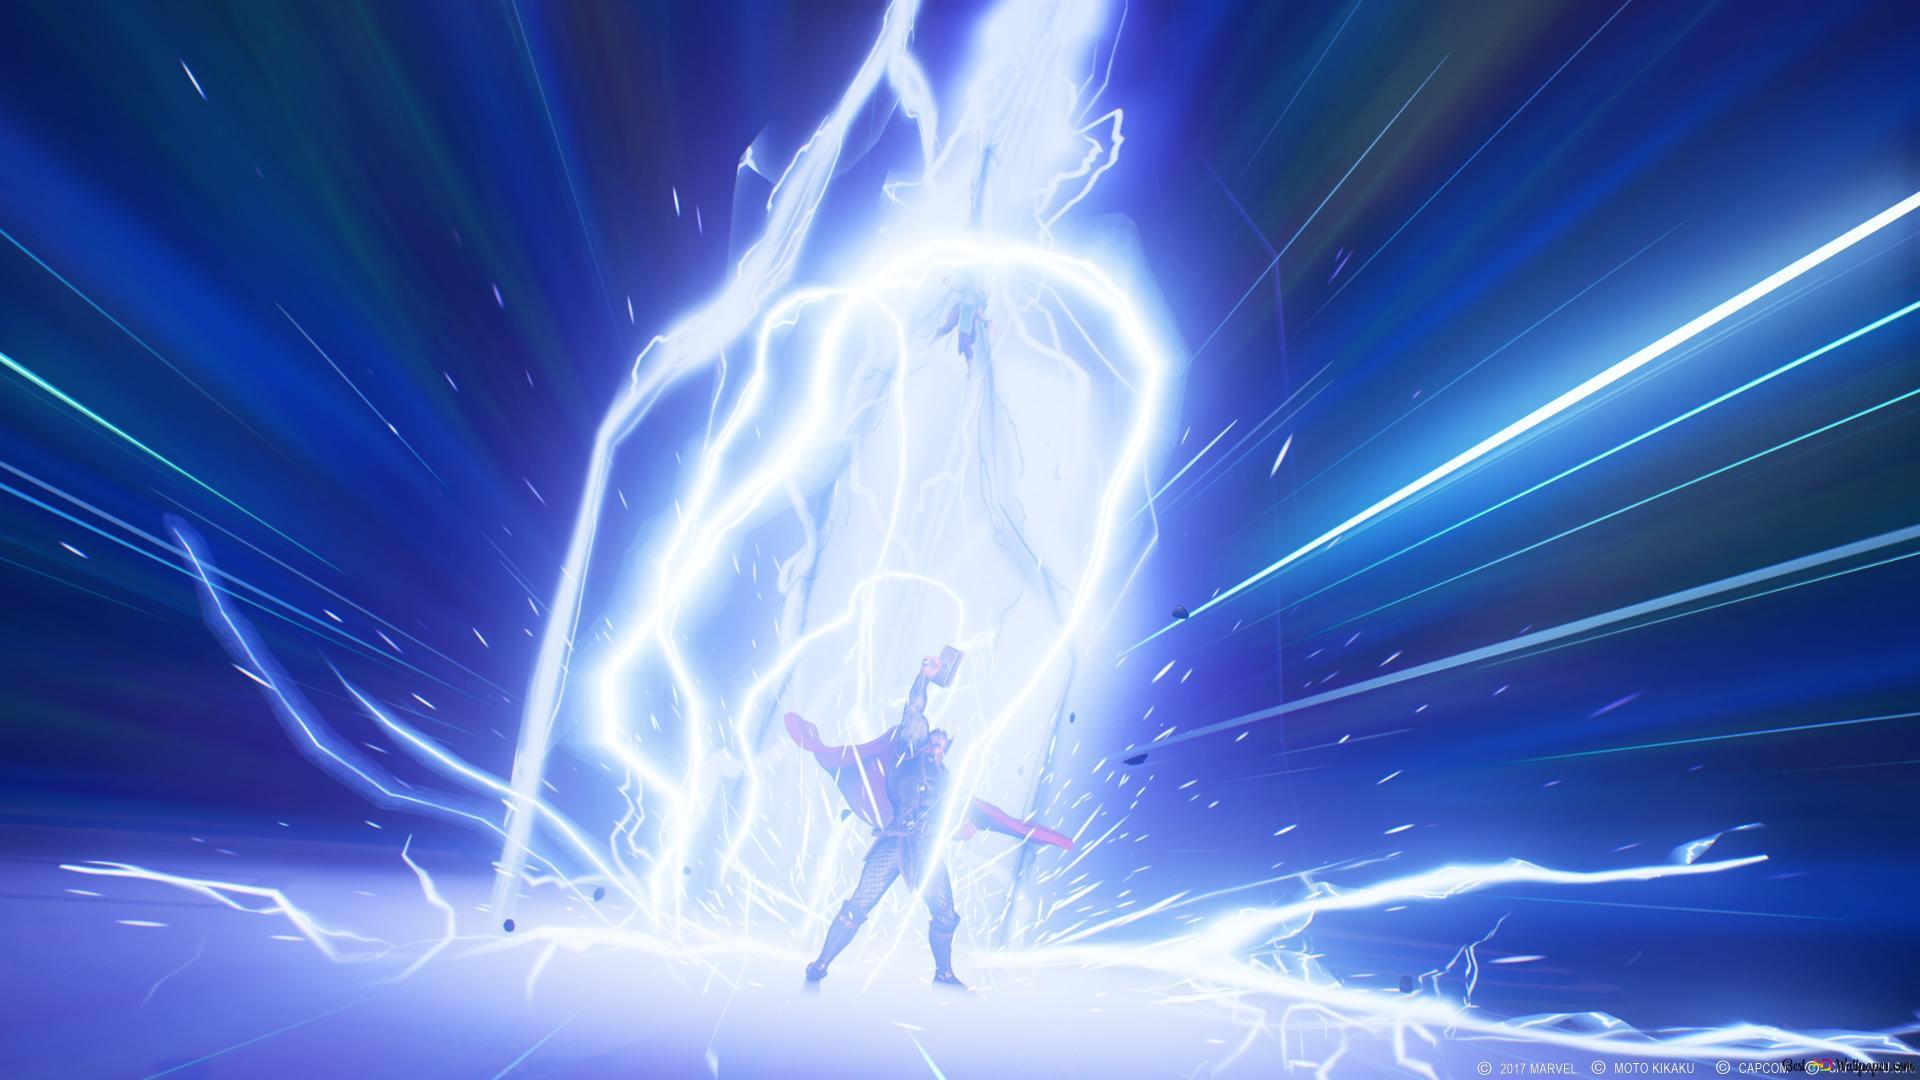 Marvel Vs Capcom Infinite Thor Hd Wallpaper Download